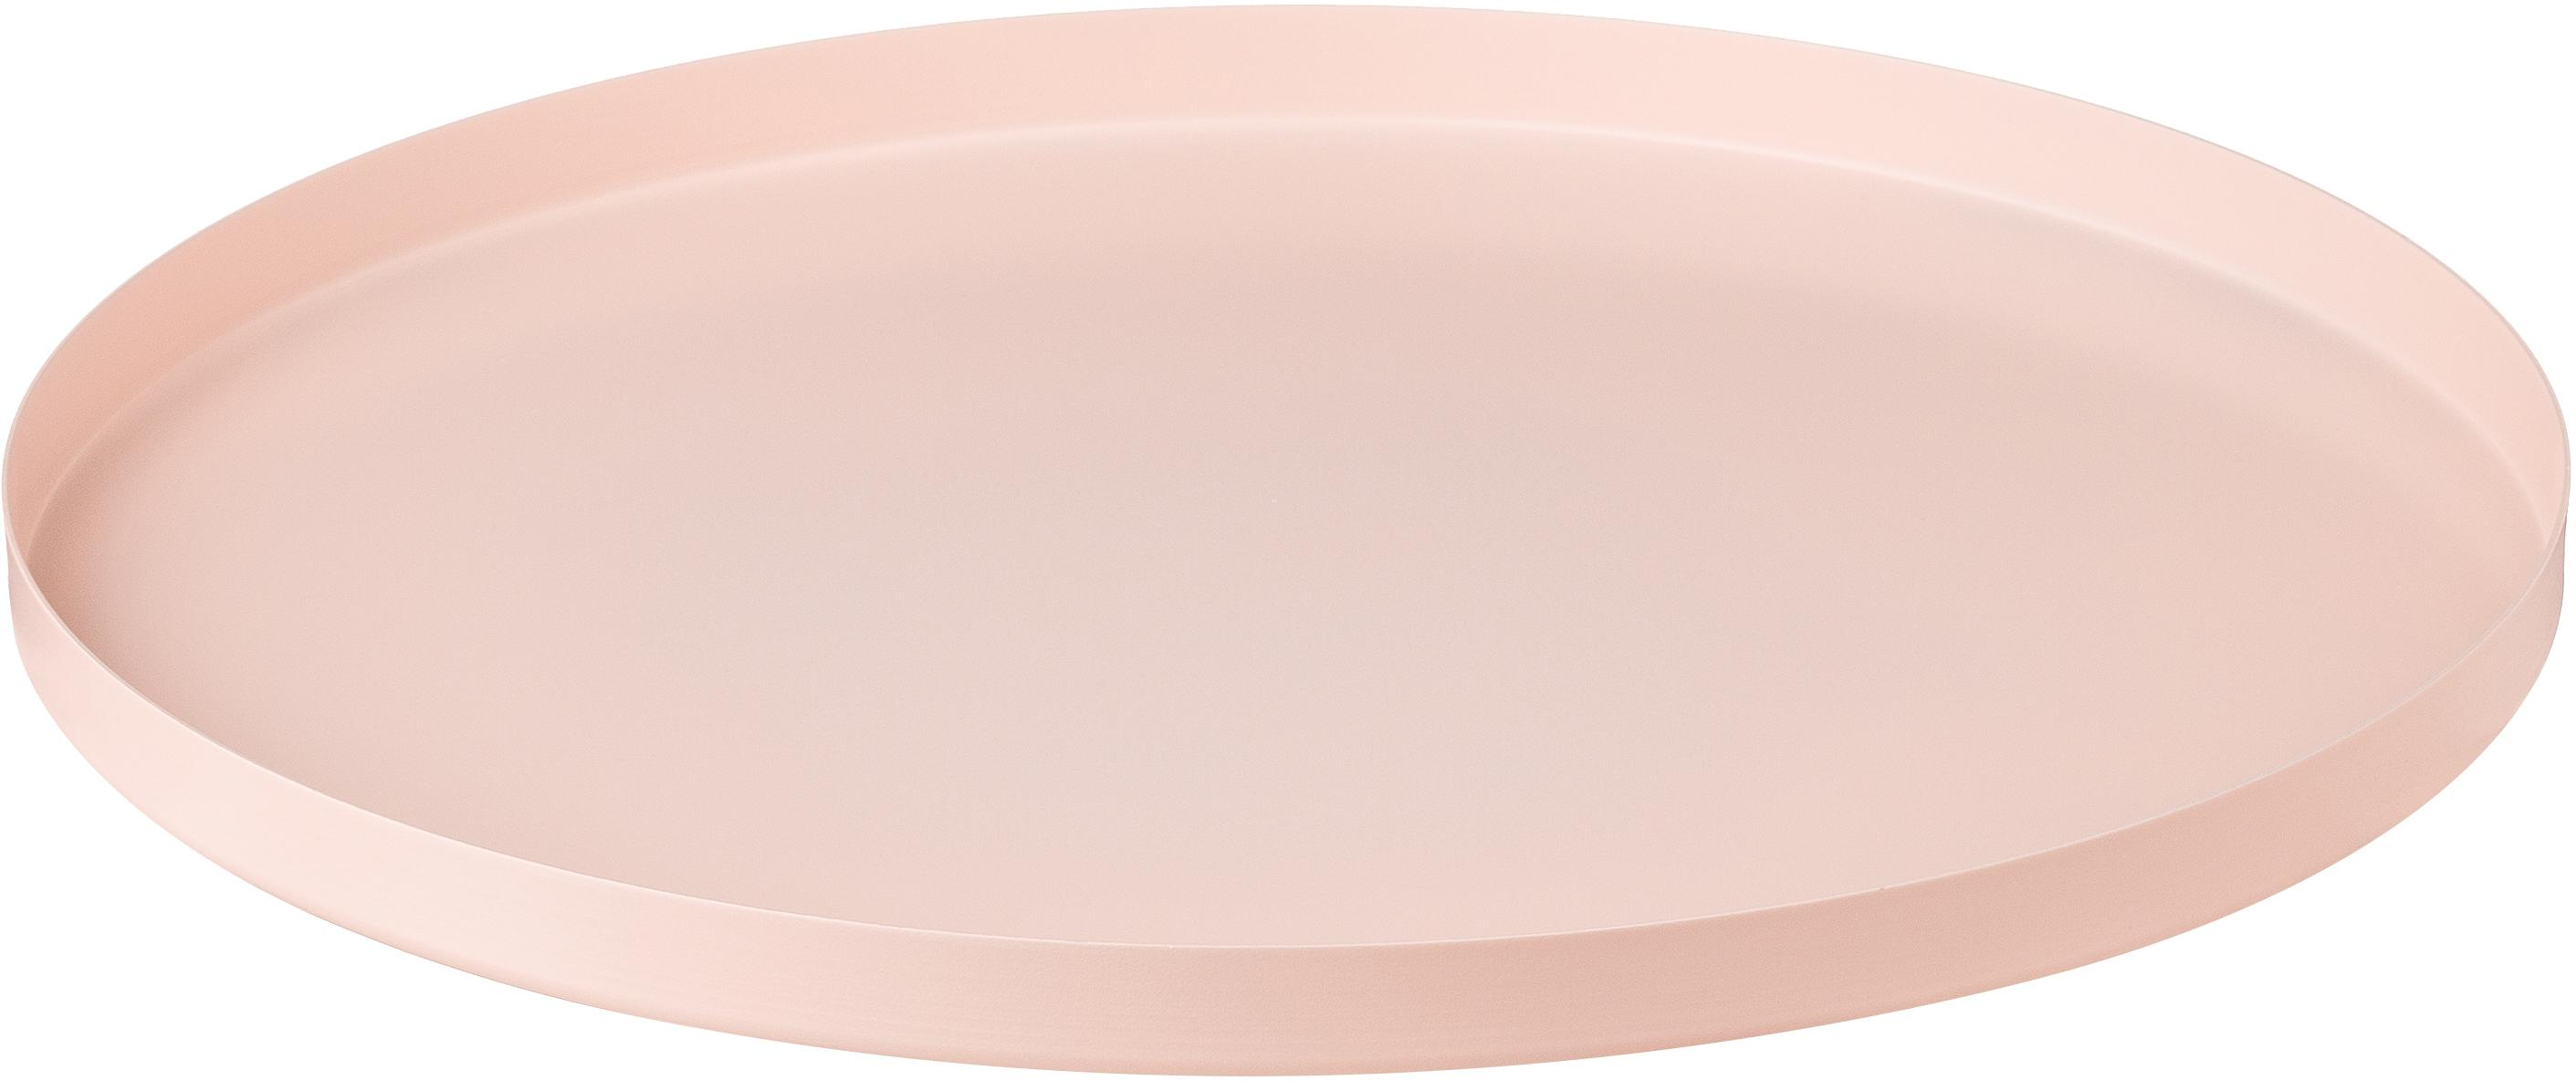 Vassoio decorativo Circle, Acciaio inossidabile, verniciato a polvere, Rosa, Ø 30 x A 2 cm